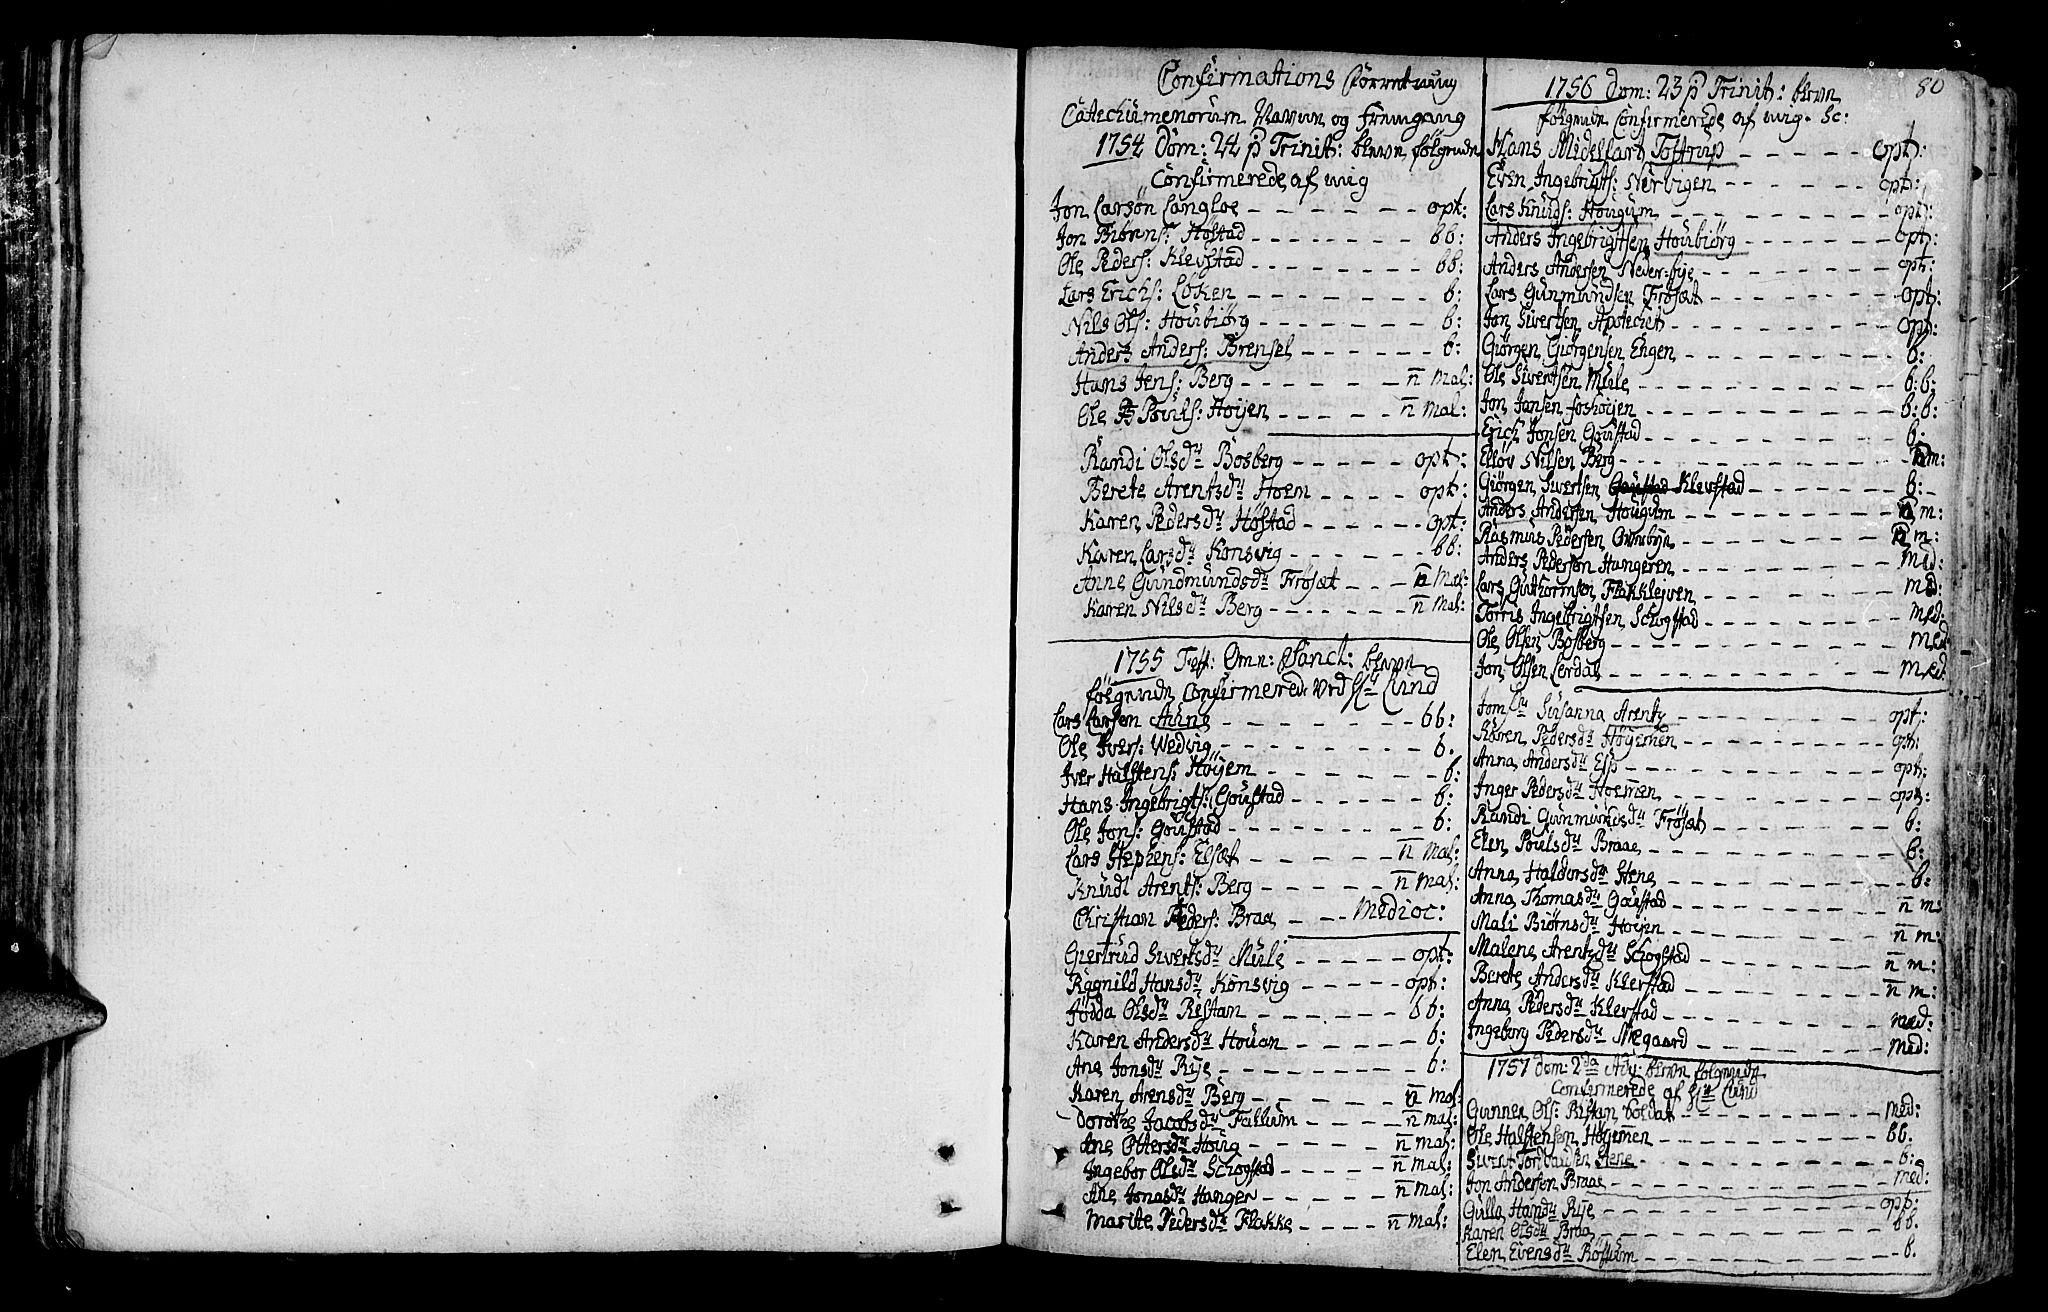 SAT, Ministerialprotokoller, klokkerbøker og fødselsregistre - Sør-Trøndelag, 612/L0370: Ministerialbok nr. 612A04, 1754-1802, s. 80